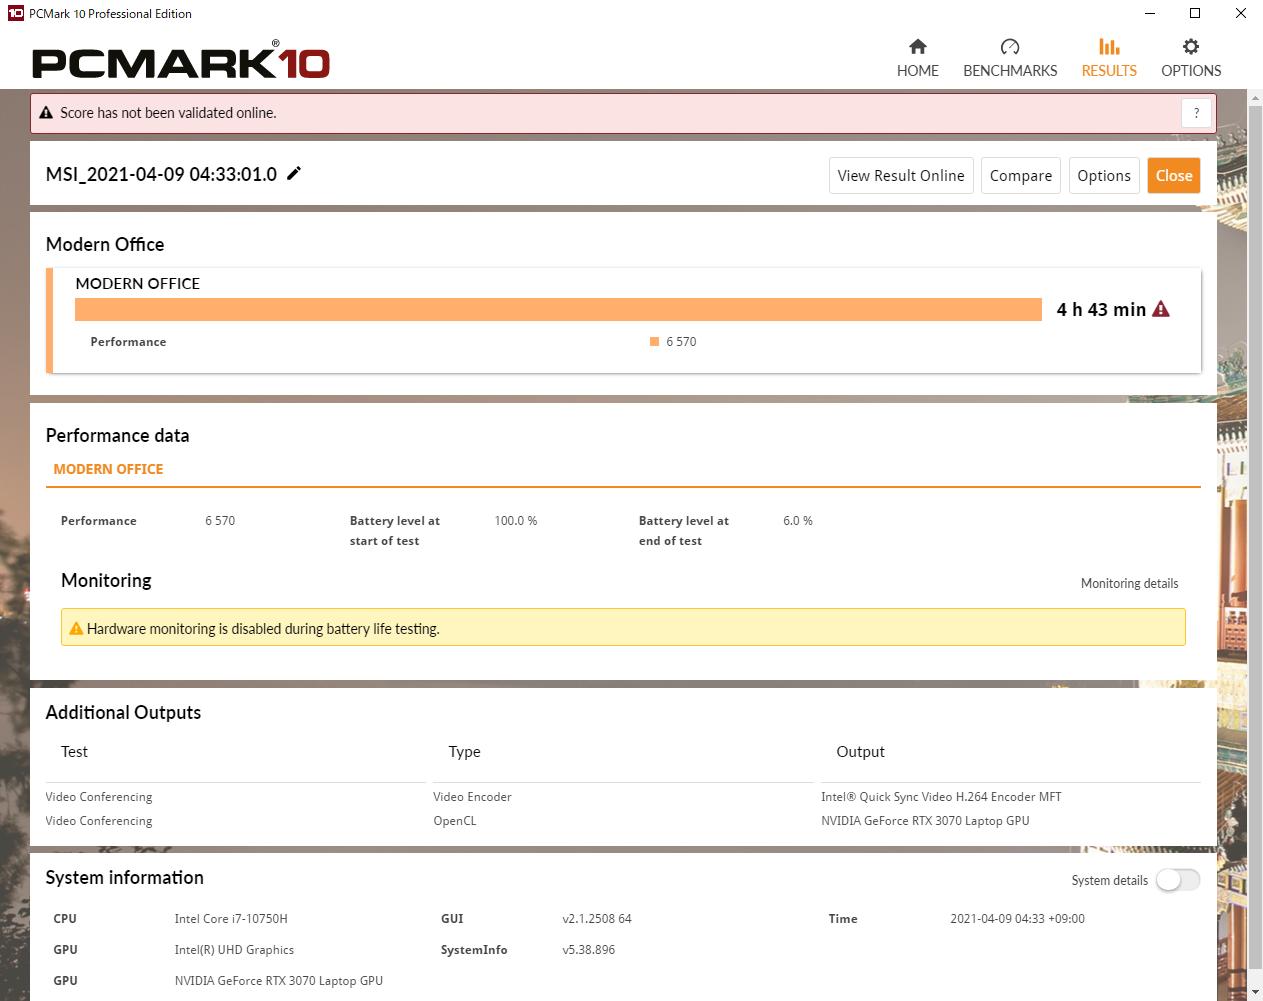 事務ワークで利用した際にバッテリー駆動でどの程度利用できるのか、PCMark 10で計測したところ時間は4時間43分だった。これだけの駆動時間が確保できれば、発表会取材の後にそのまま打ち合わせに持ち込んでもゆとりがあるので、外でも安心して使える印象だ。